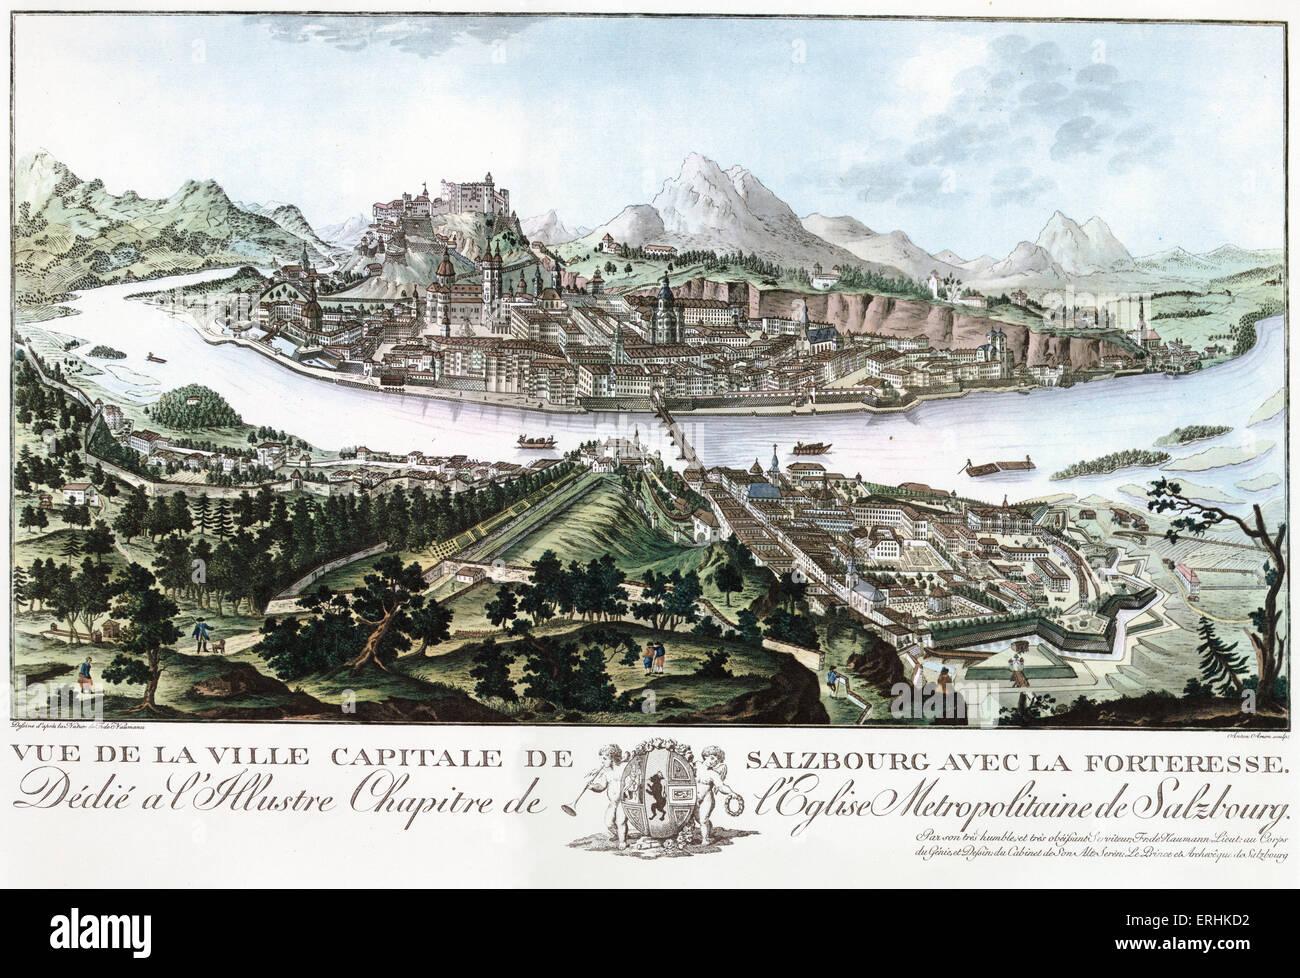 Salzburg and the Fortress .  Vue de la Ville Capitale de Salzbourg avec la Forteresse by Anton Amon after August - Stock Image